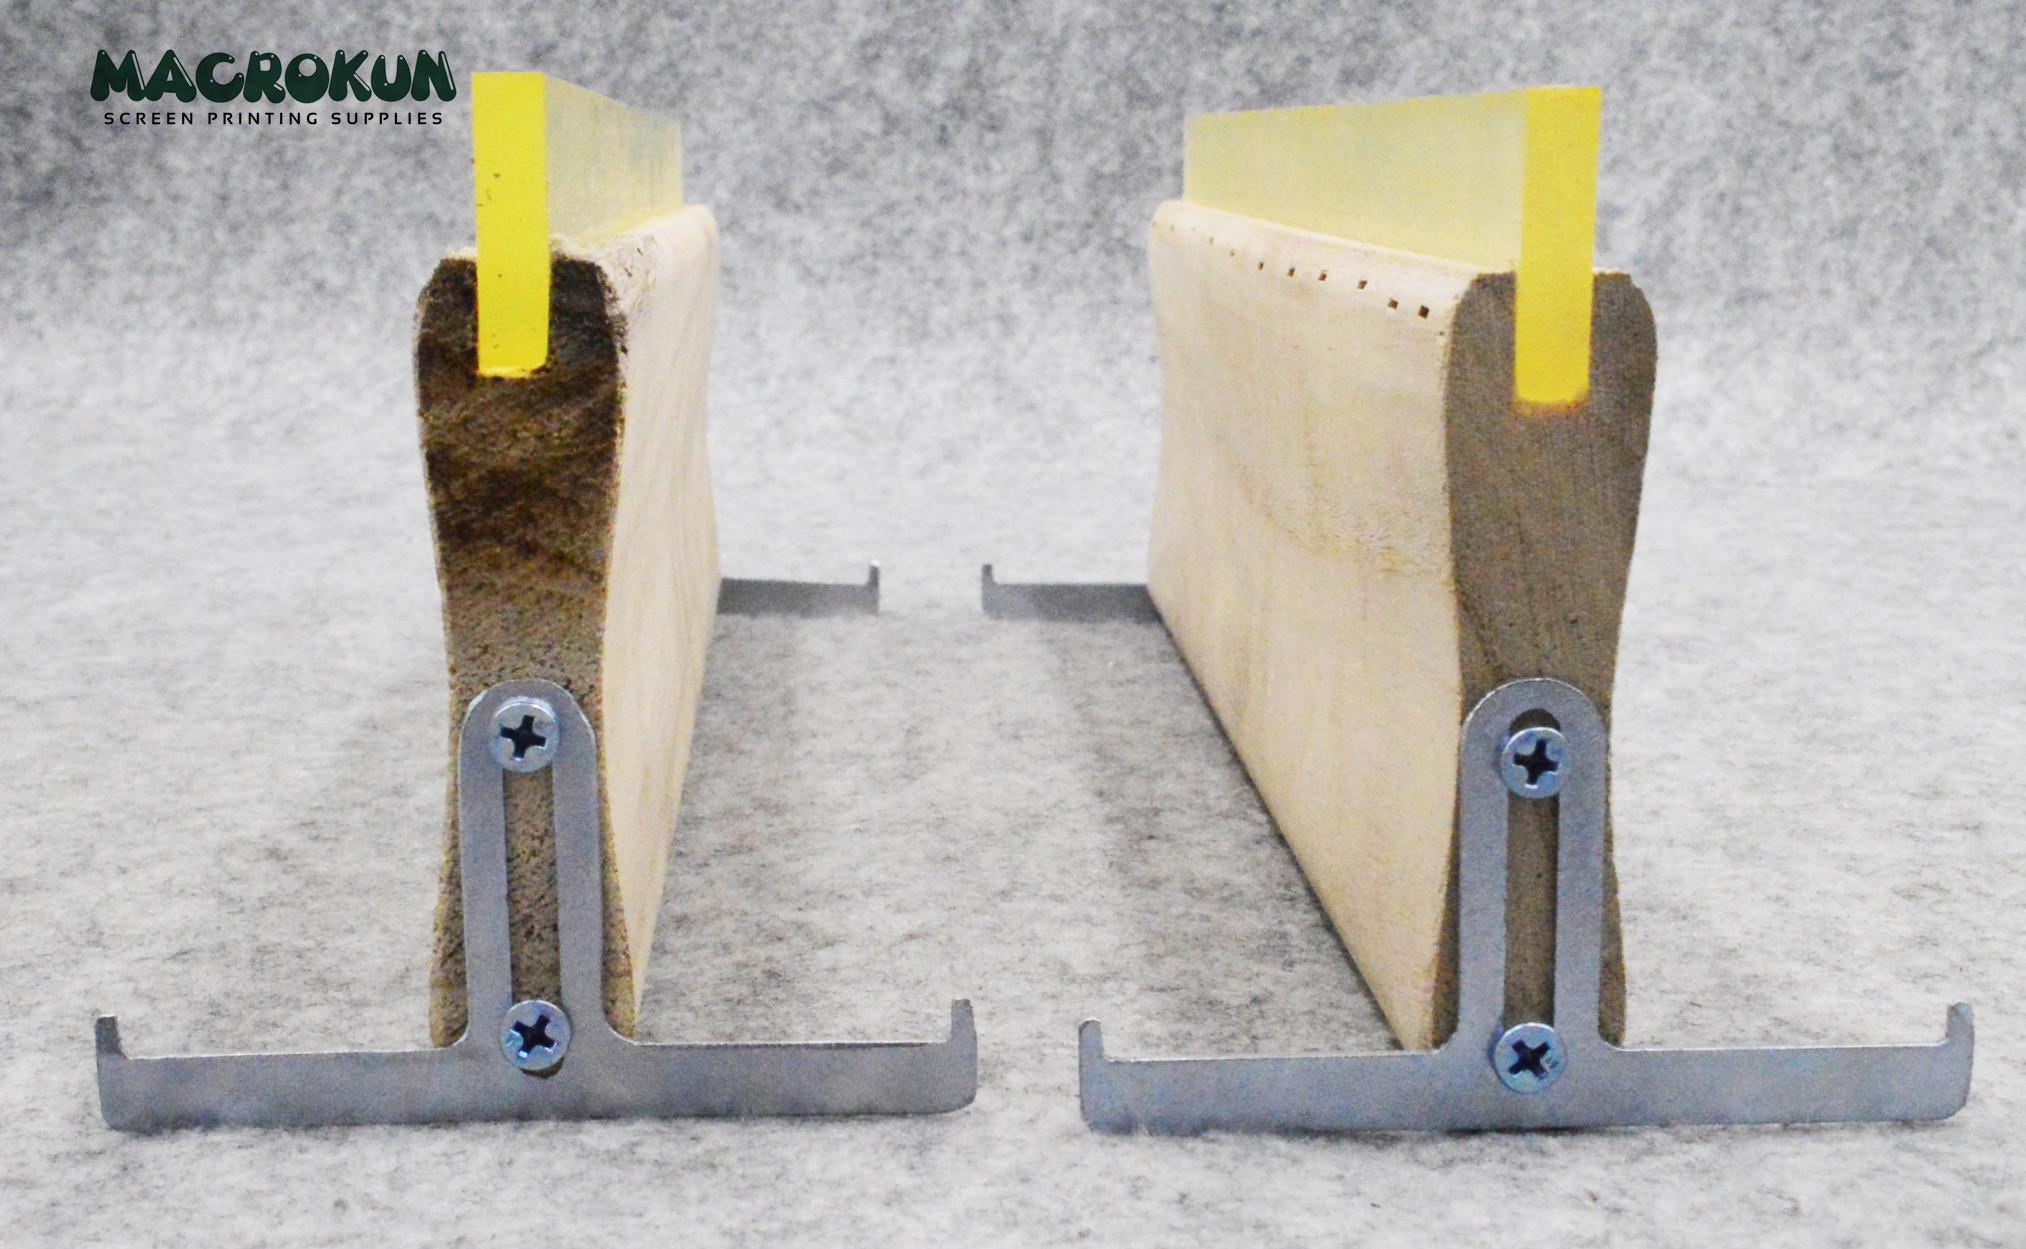 Simple Wooden Handle Squeegee Rack